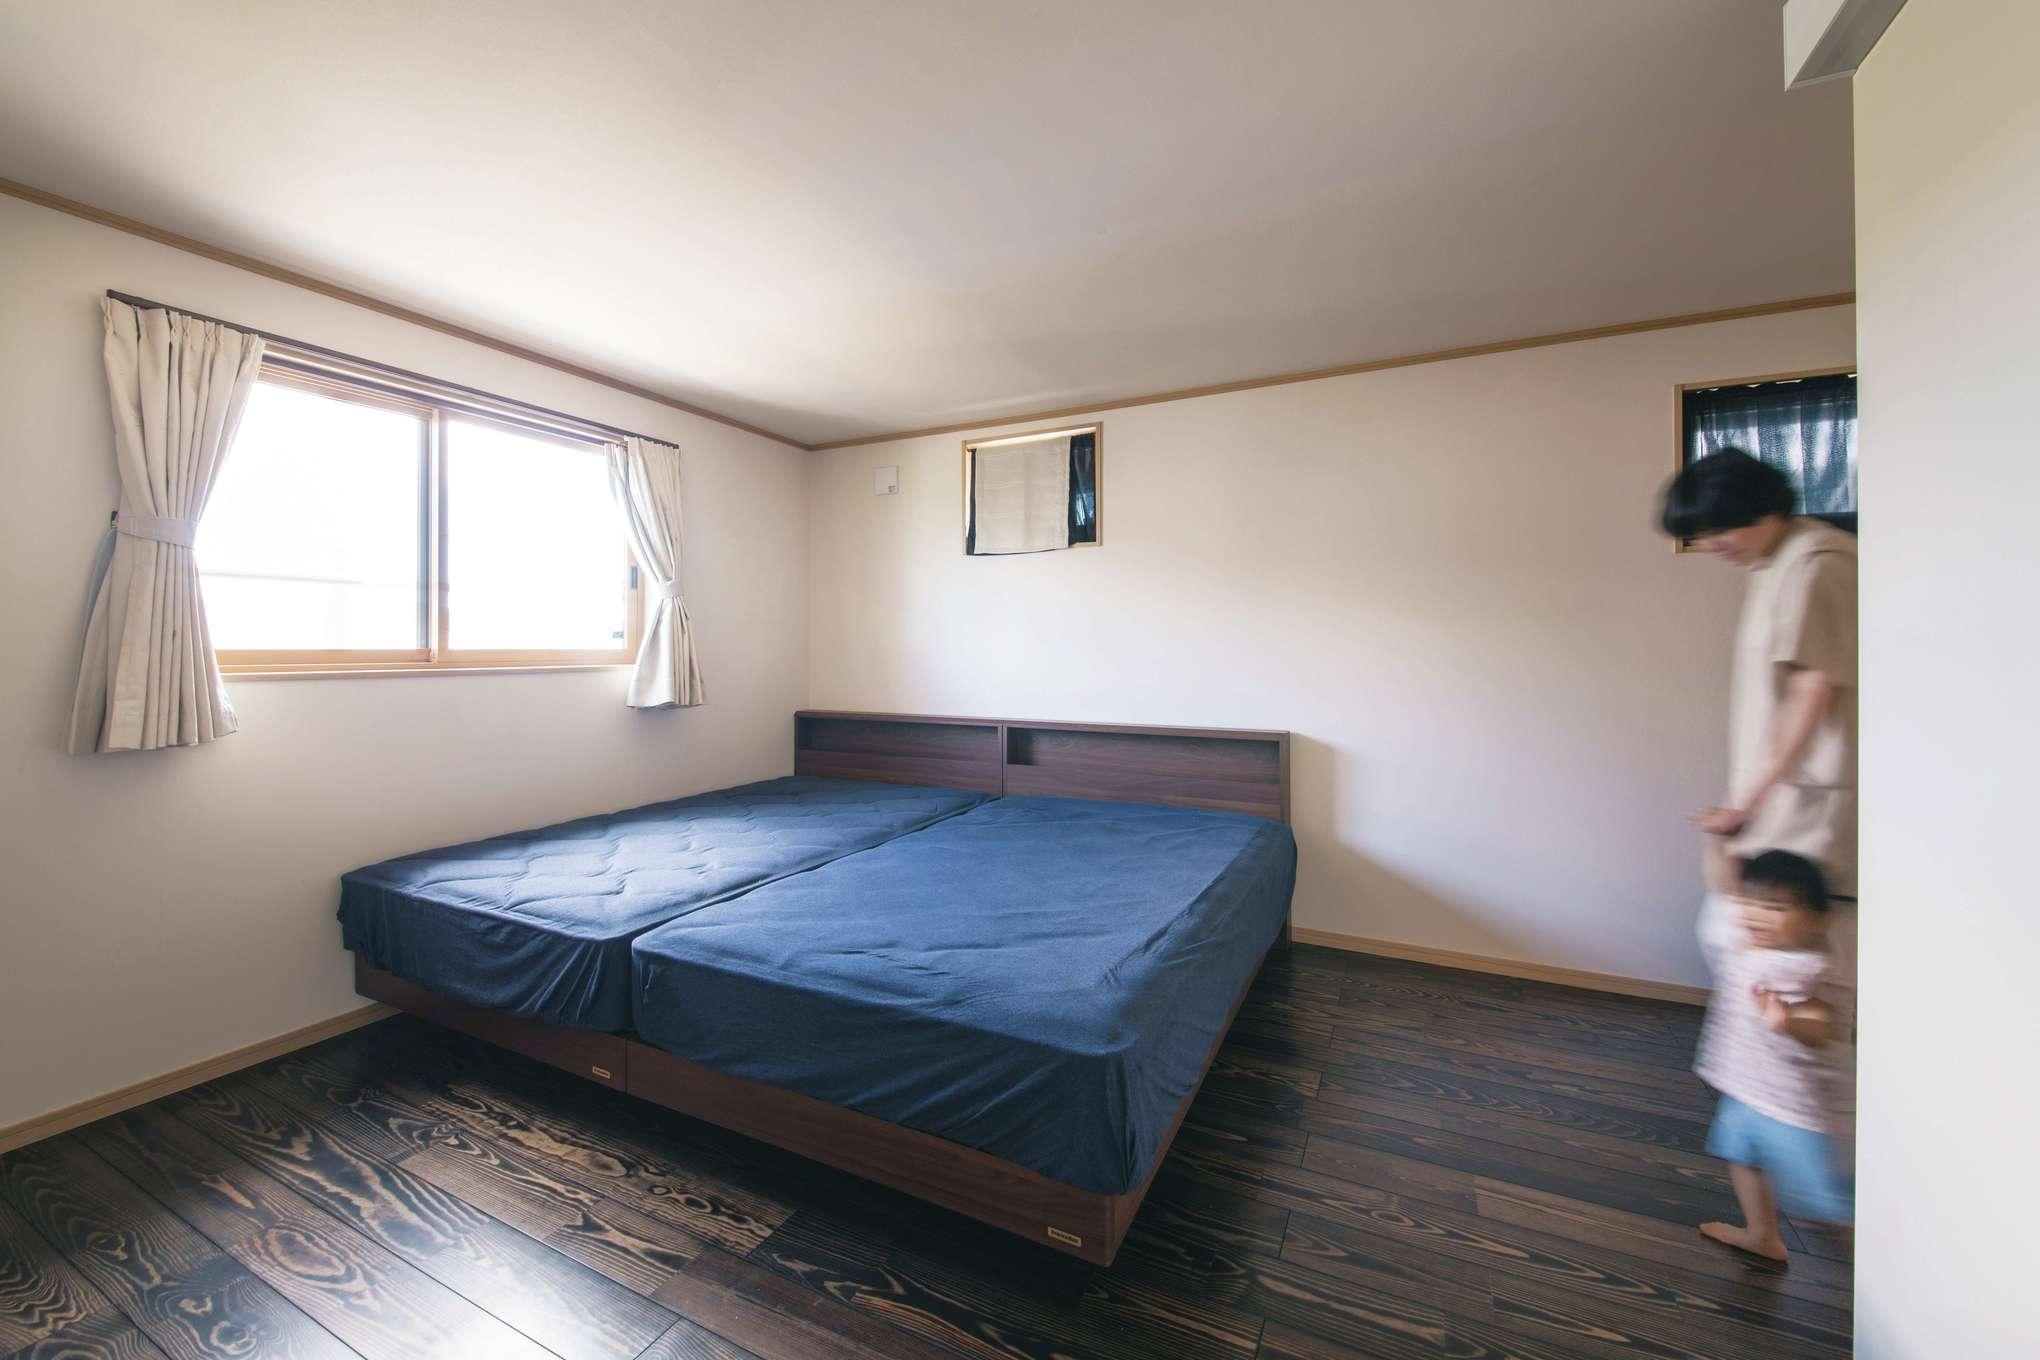 田畑工事【子育て、自然素材、省エネ】寝室は同じマツの床をダーク系の色に変えて安らぎ感を演出